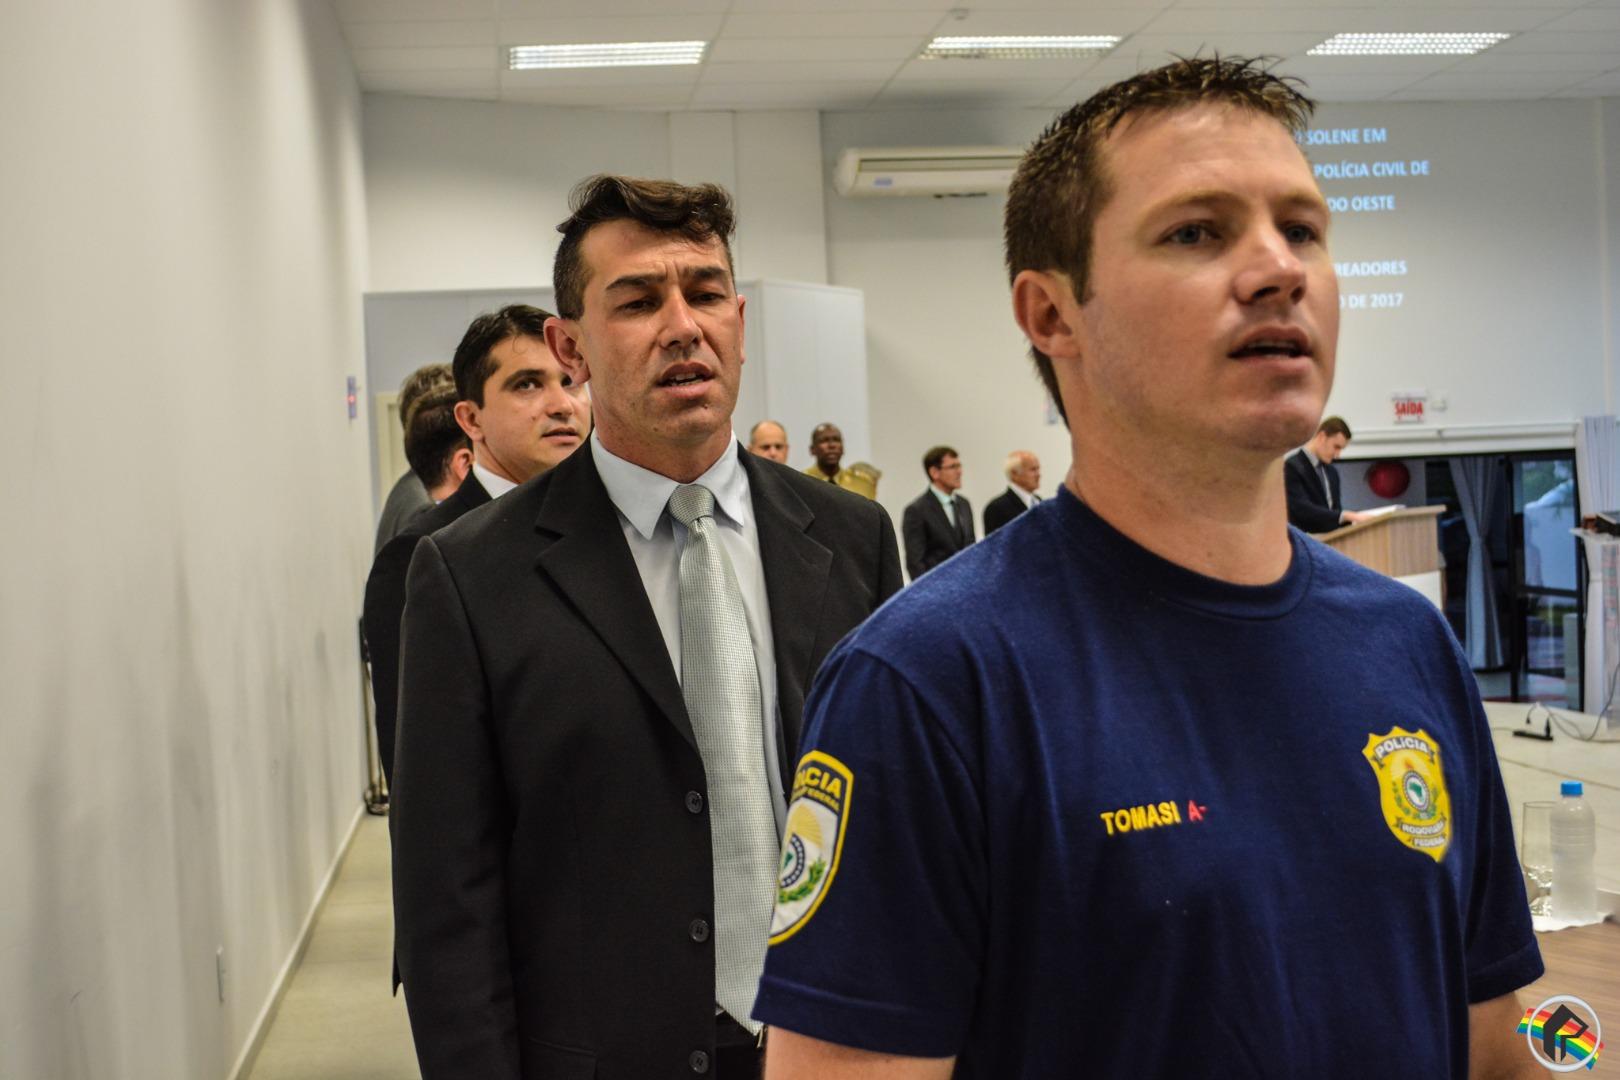 Polícia Civil é homenageada na Câmara de Vereadores